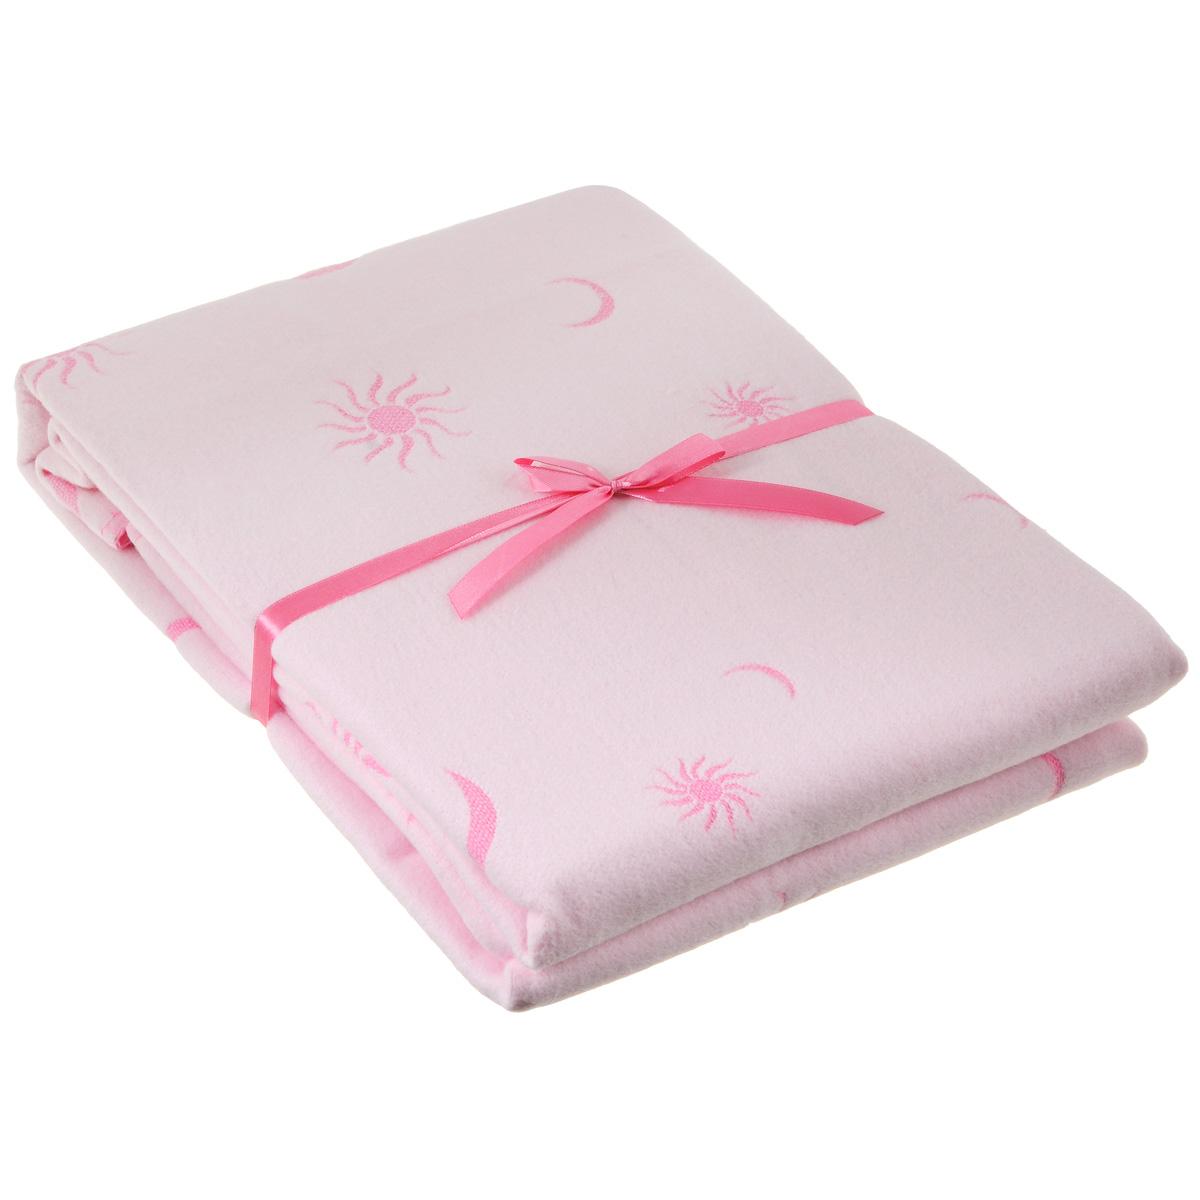 Одеяло детское Baby Nice Луна, байковое, цвет: розовый, 100 см x 140 смD311511